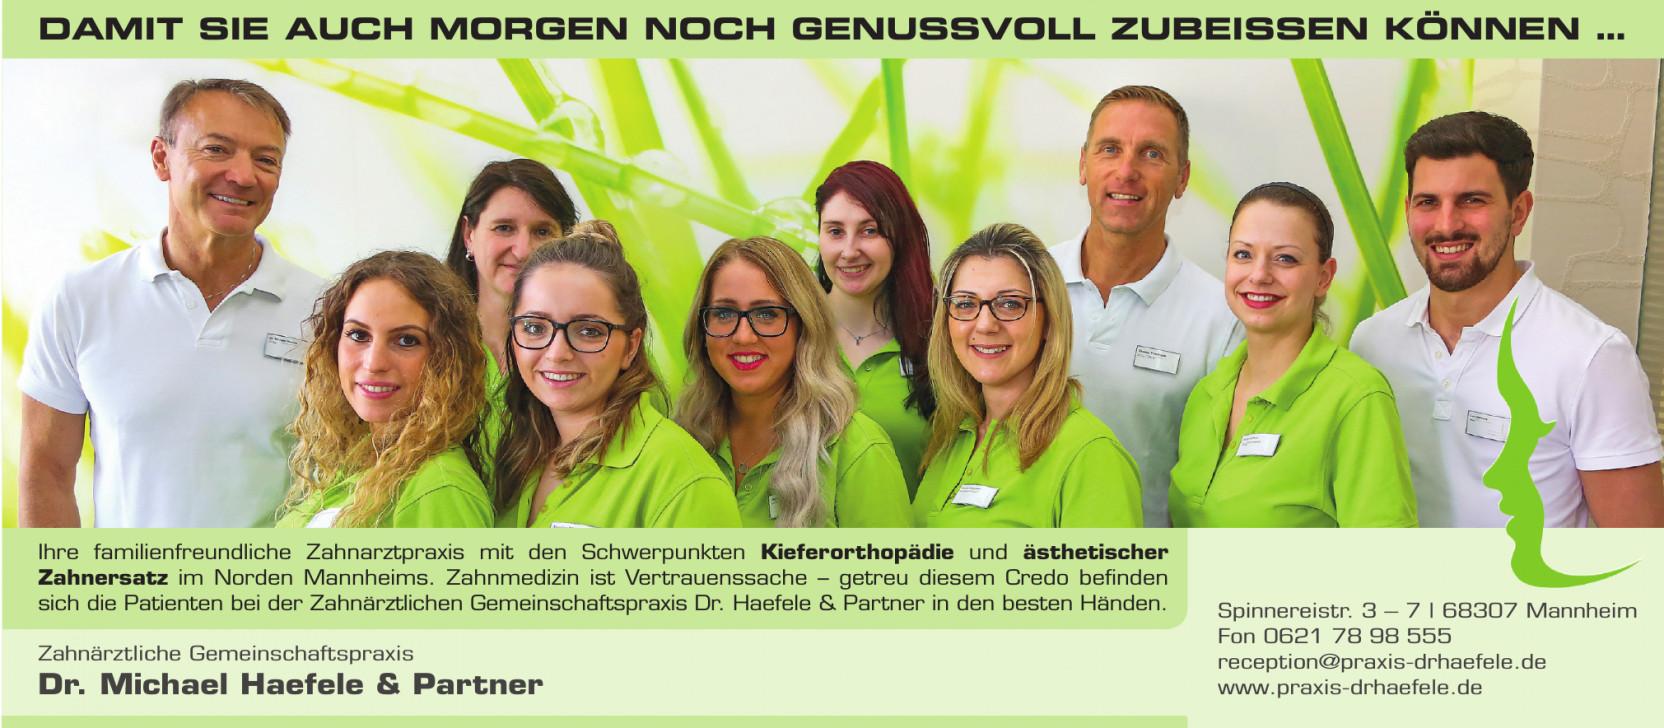 Dr. Michael Haefele & Partner